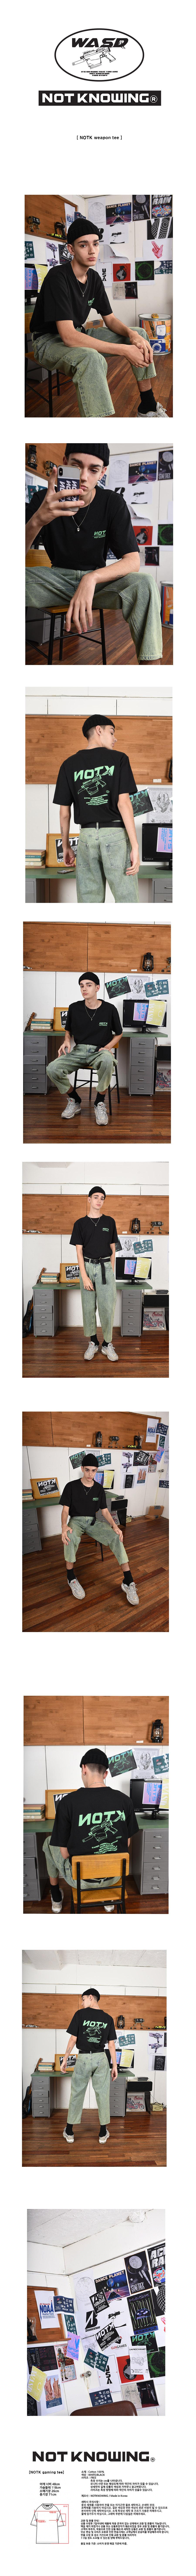 낫노잉(NOTKNOWING) NOTK gaming 티셔츠(블랙)